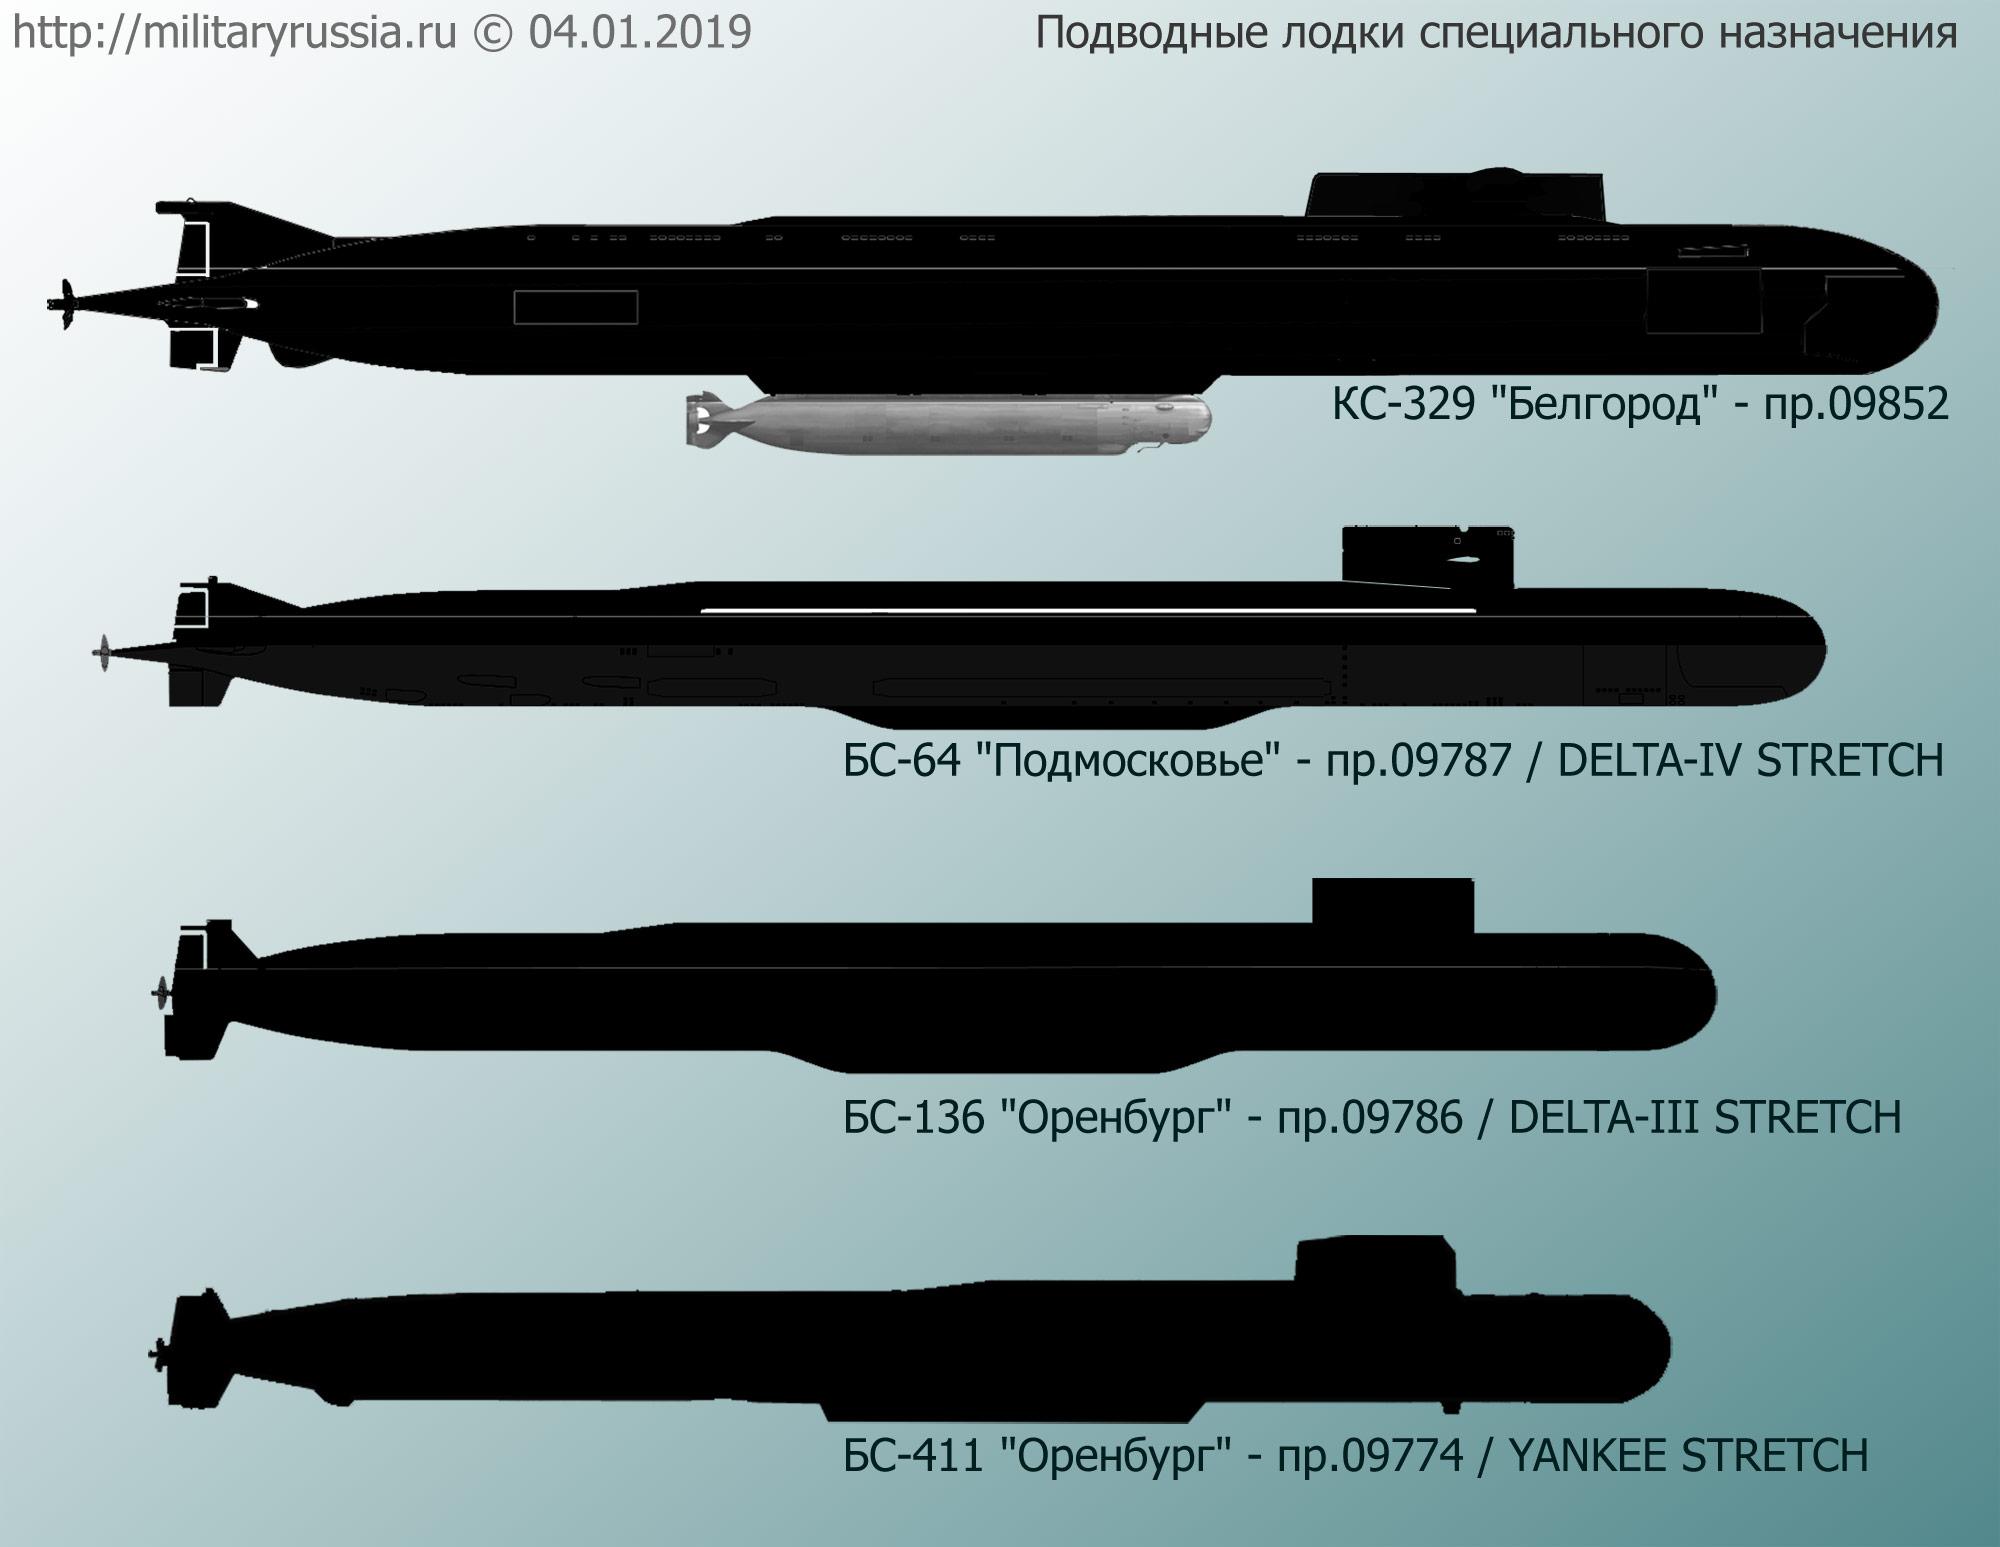 """Предполагаемый вид подводной лодки КС-329 """"Белгород"""" пр.09852 и других специальных лодок-носителей ВМФ России (http://militaryrussia.ru)"""